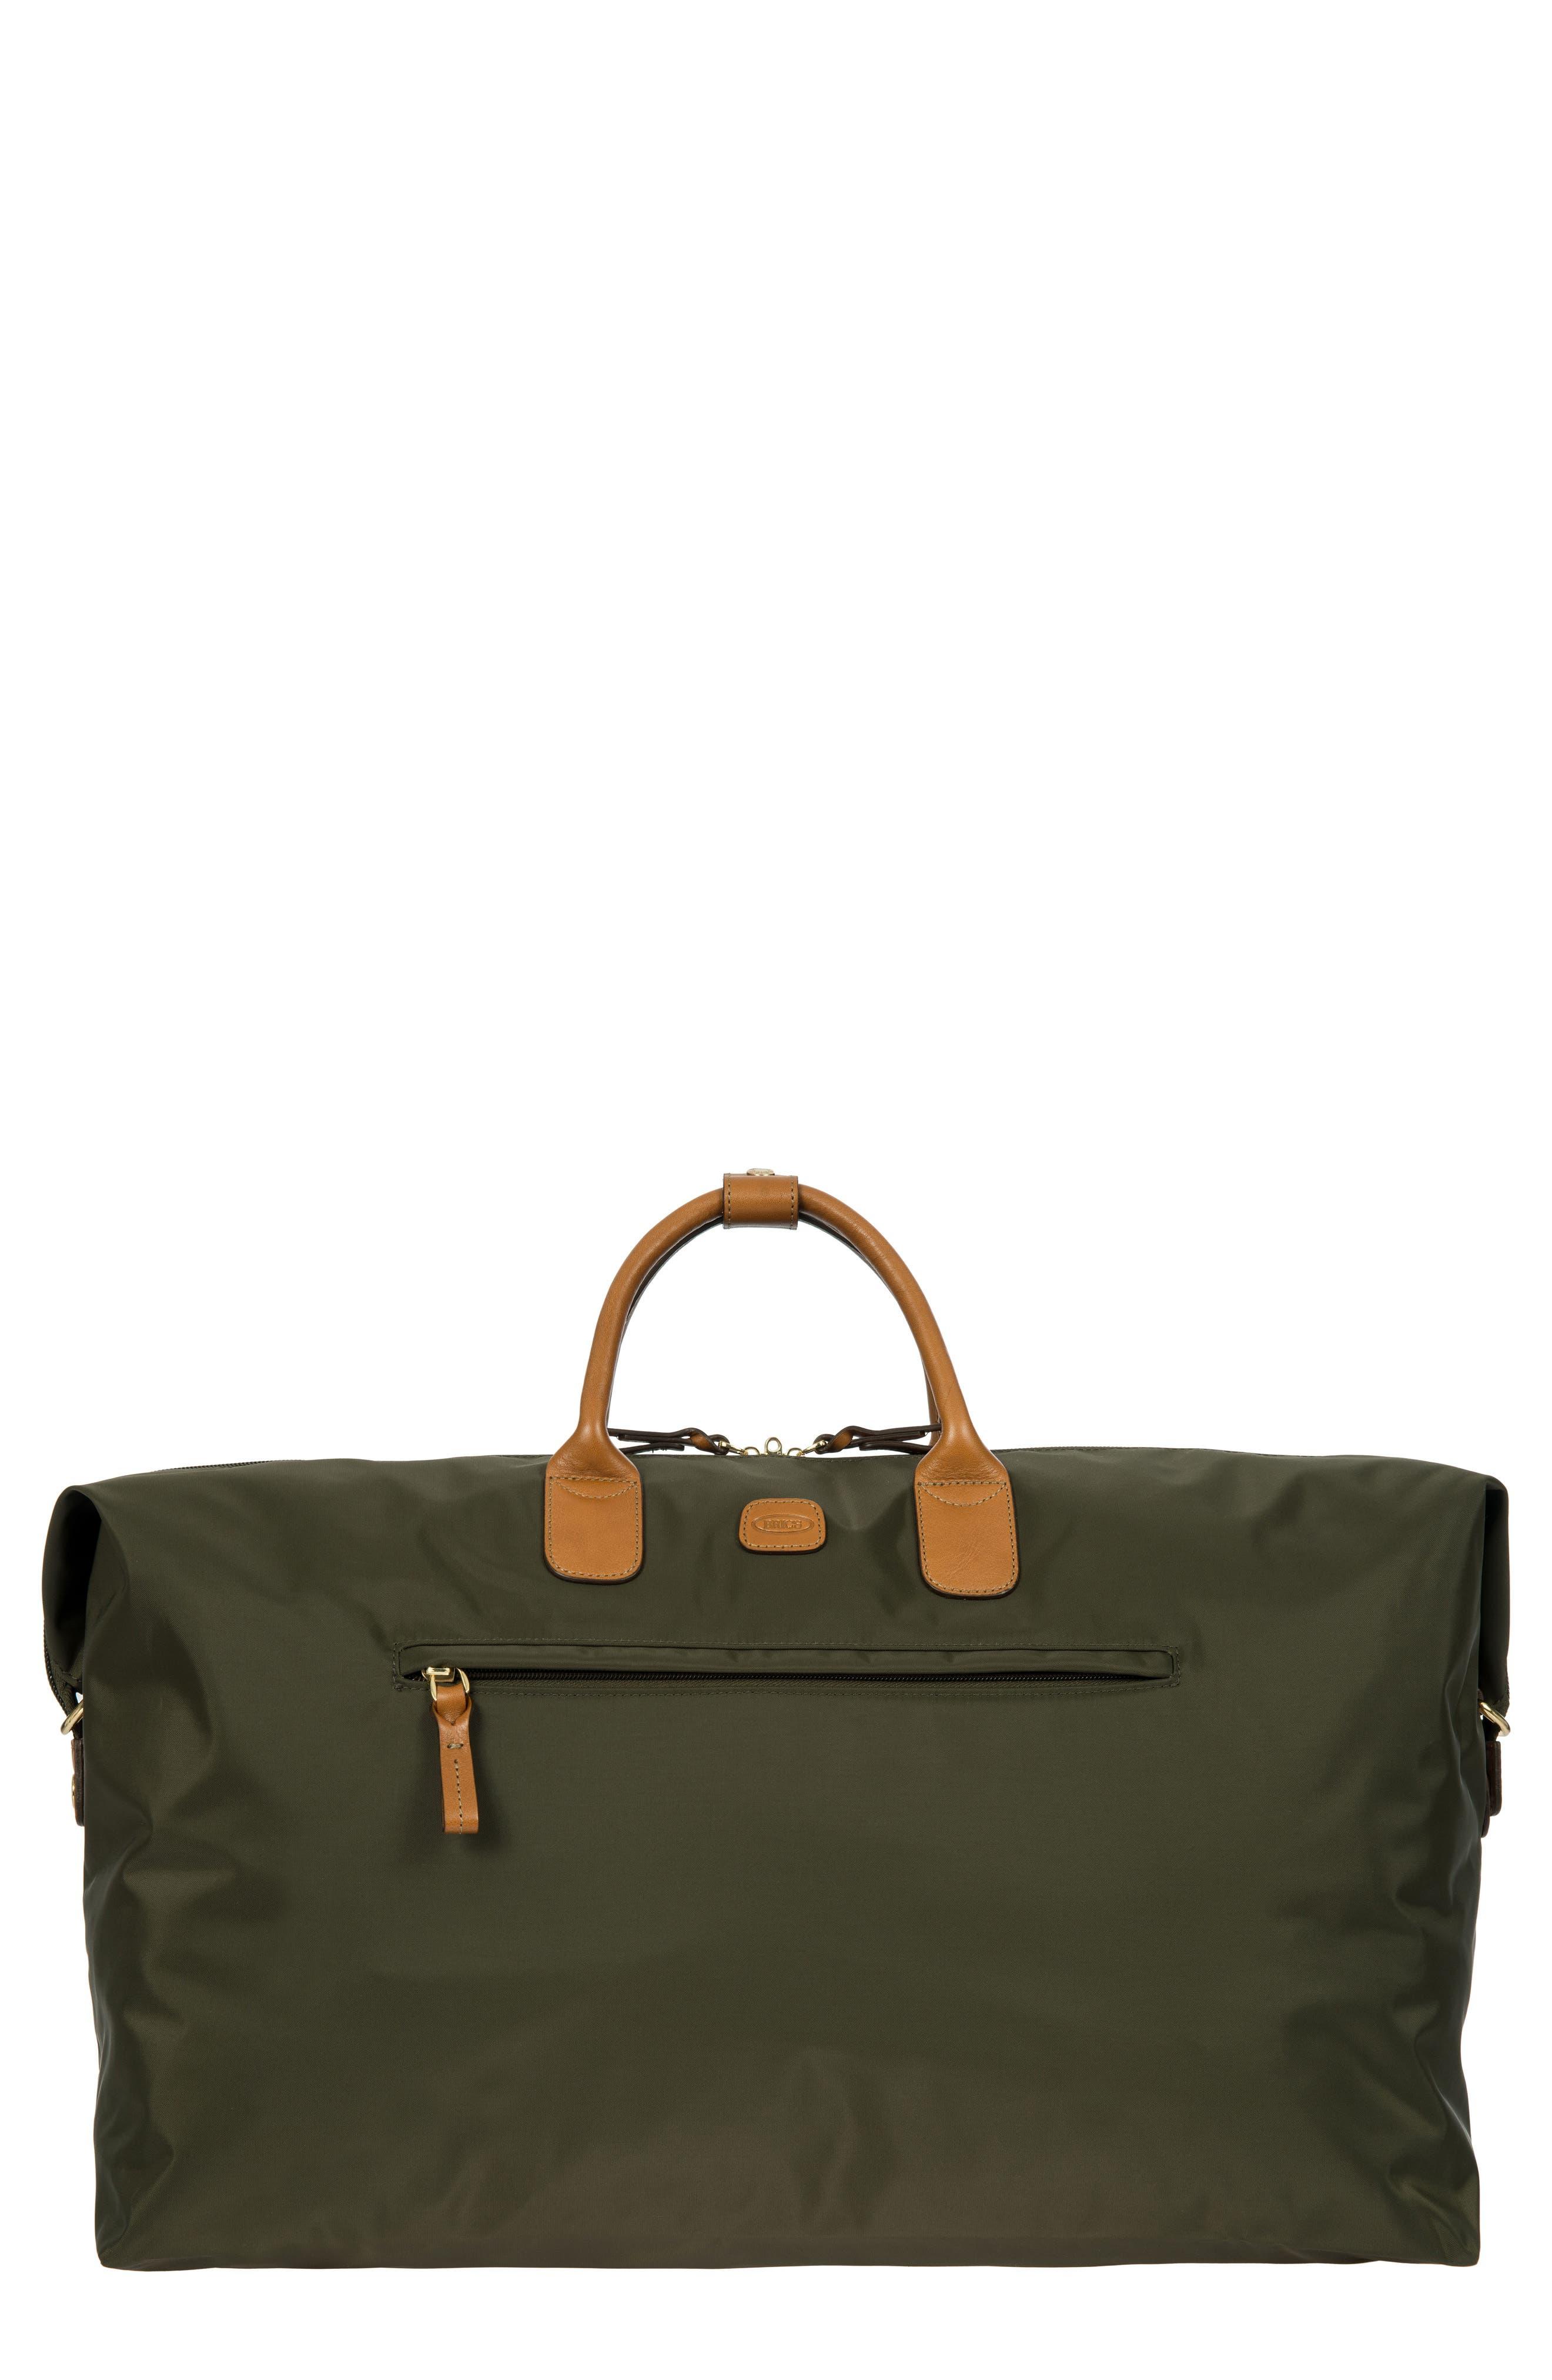 X-Bag Boarding 22-Inch Duffle Bag